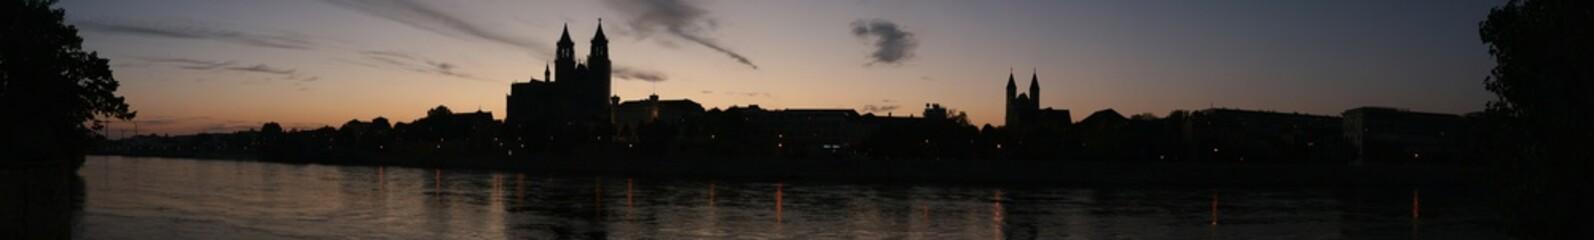 Magdeburger Dom und Elbe bei Sonnenuntergang